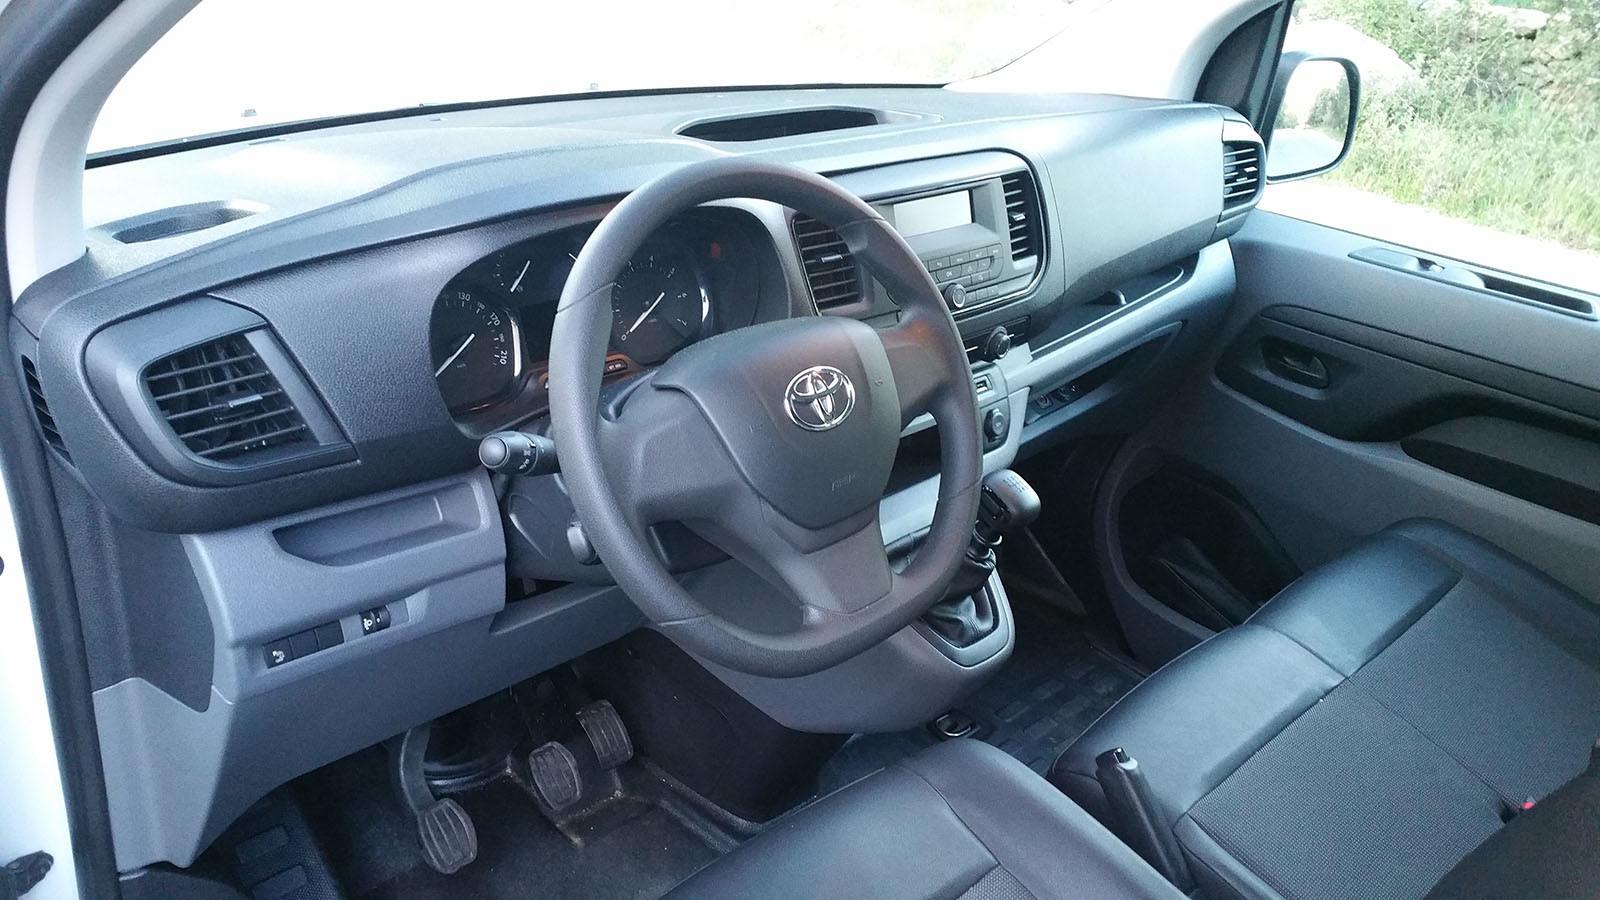 Toyota PROACE furgón - Interiores